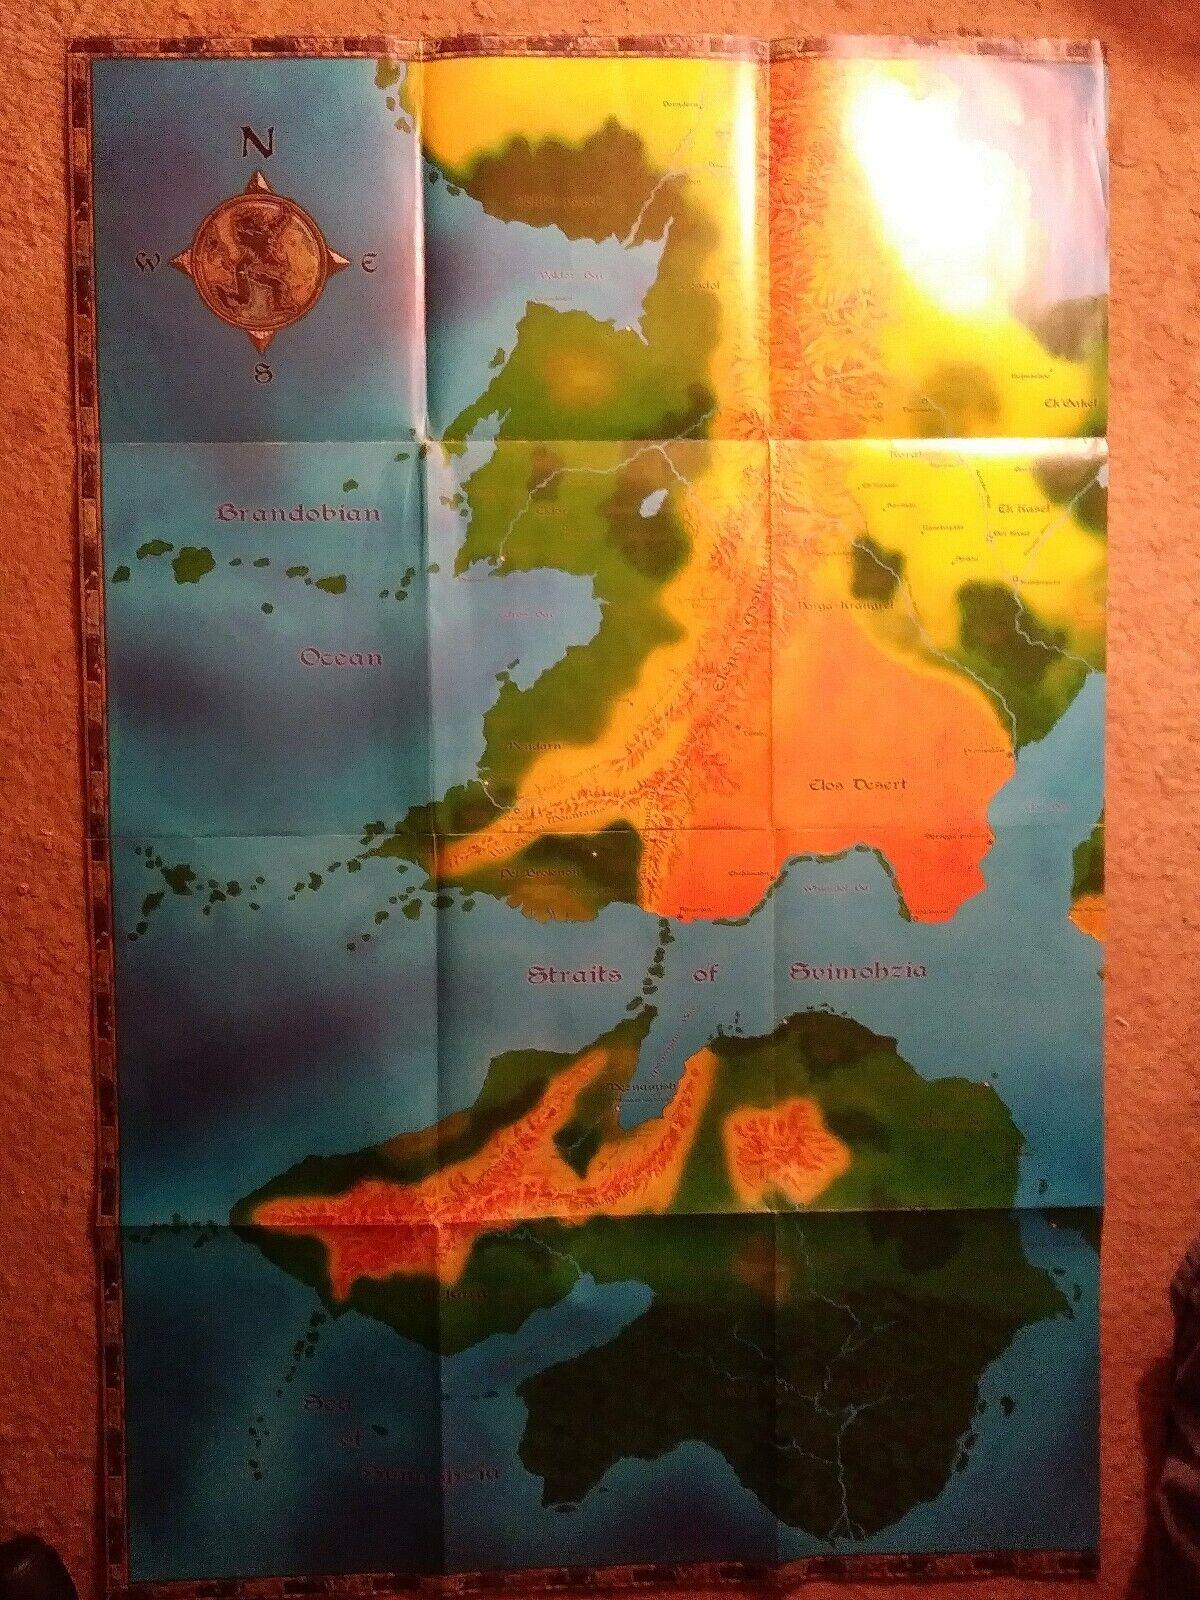 HUGE poster for Salt & Sea Dovs  Pirates of Tellene Elos Desert Svimohzia